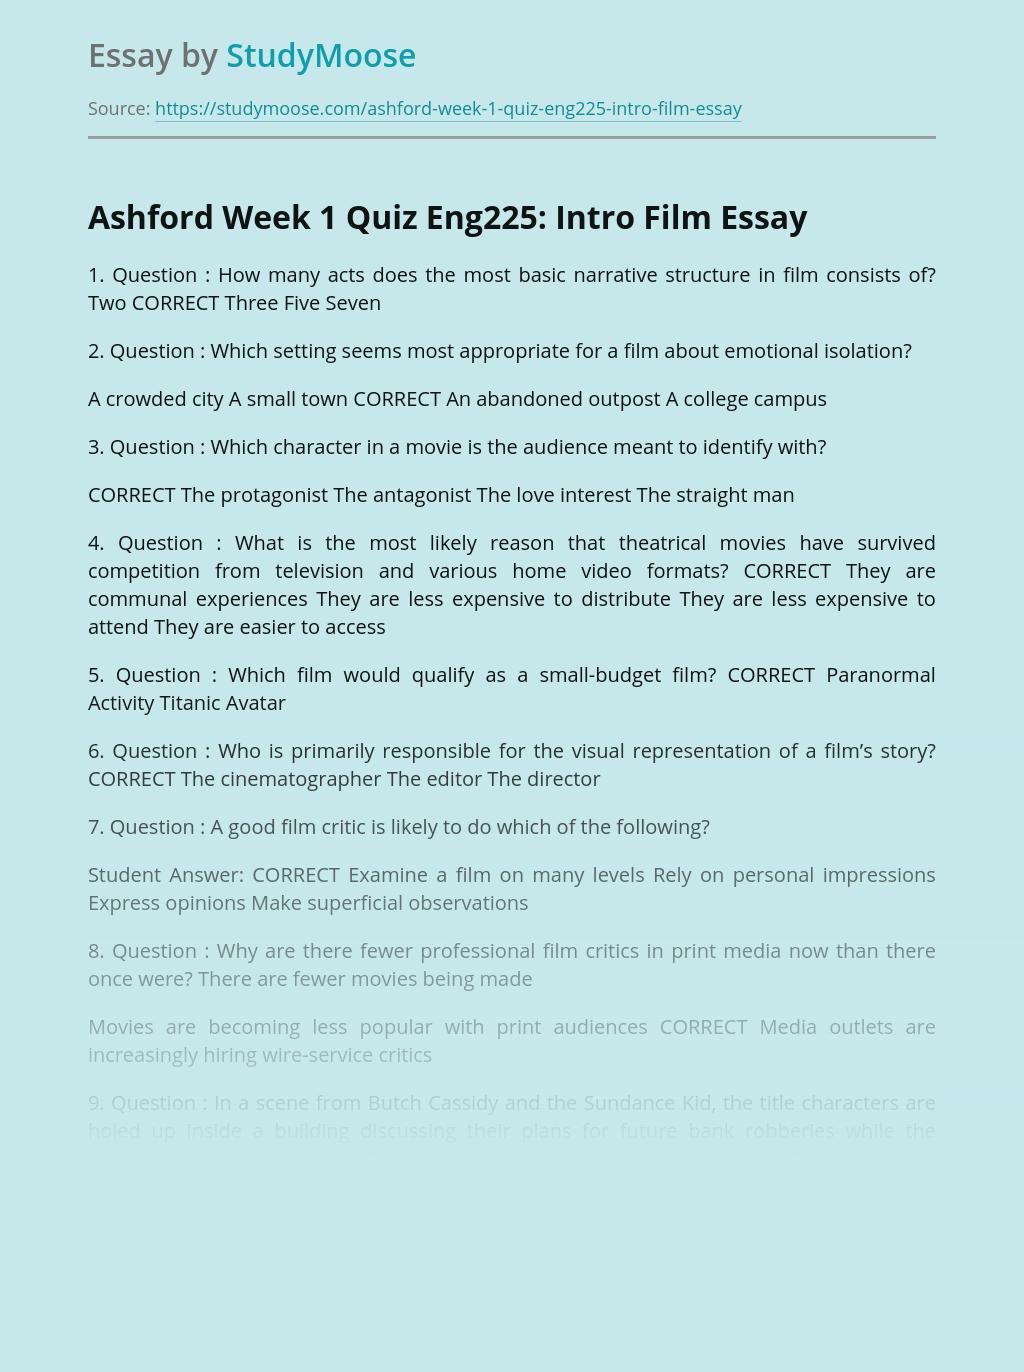 Ashford Week 1 Quiz Eng225: Intro Film